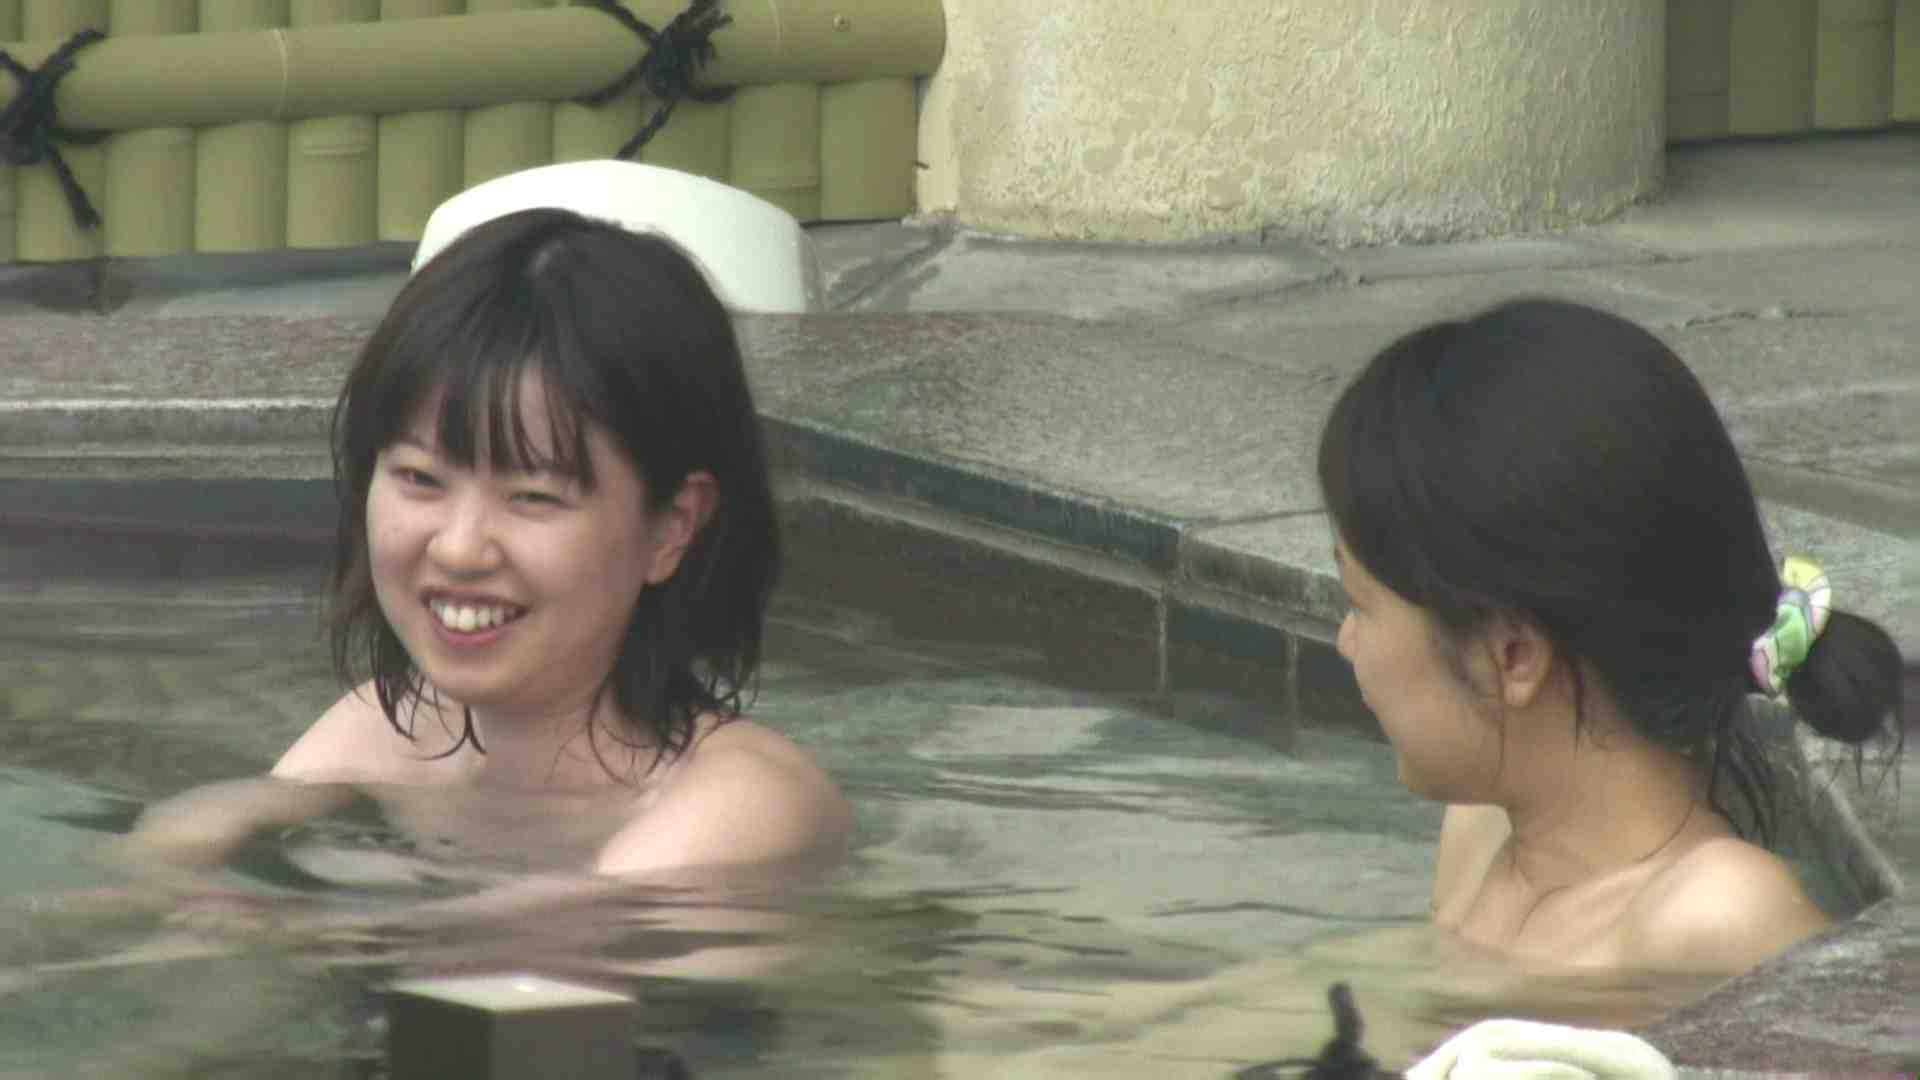 高画質露天女風呂観察 vol.030 乙女のエロ動画 えろ無修正画像 113PIX 34